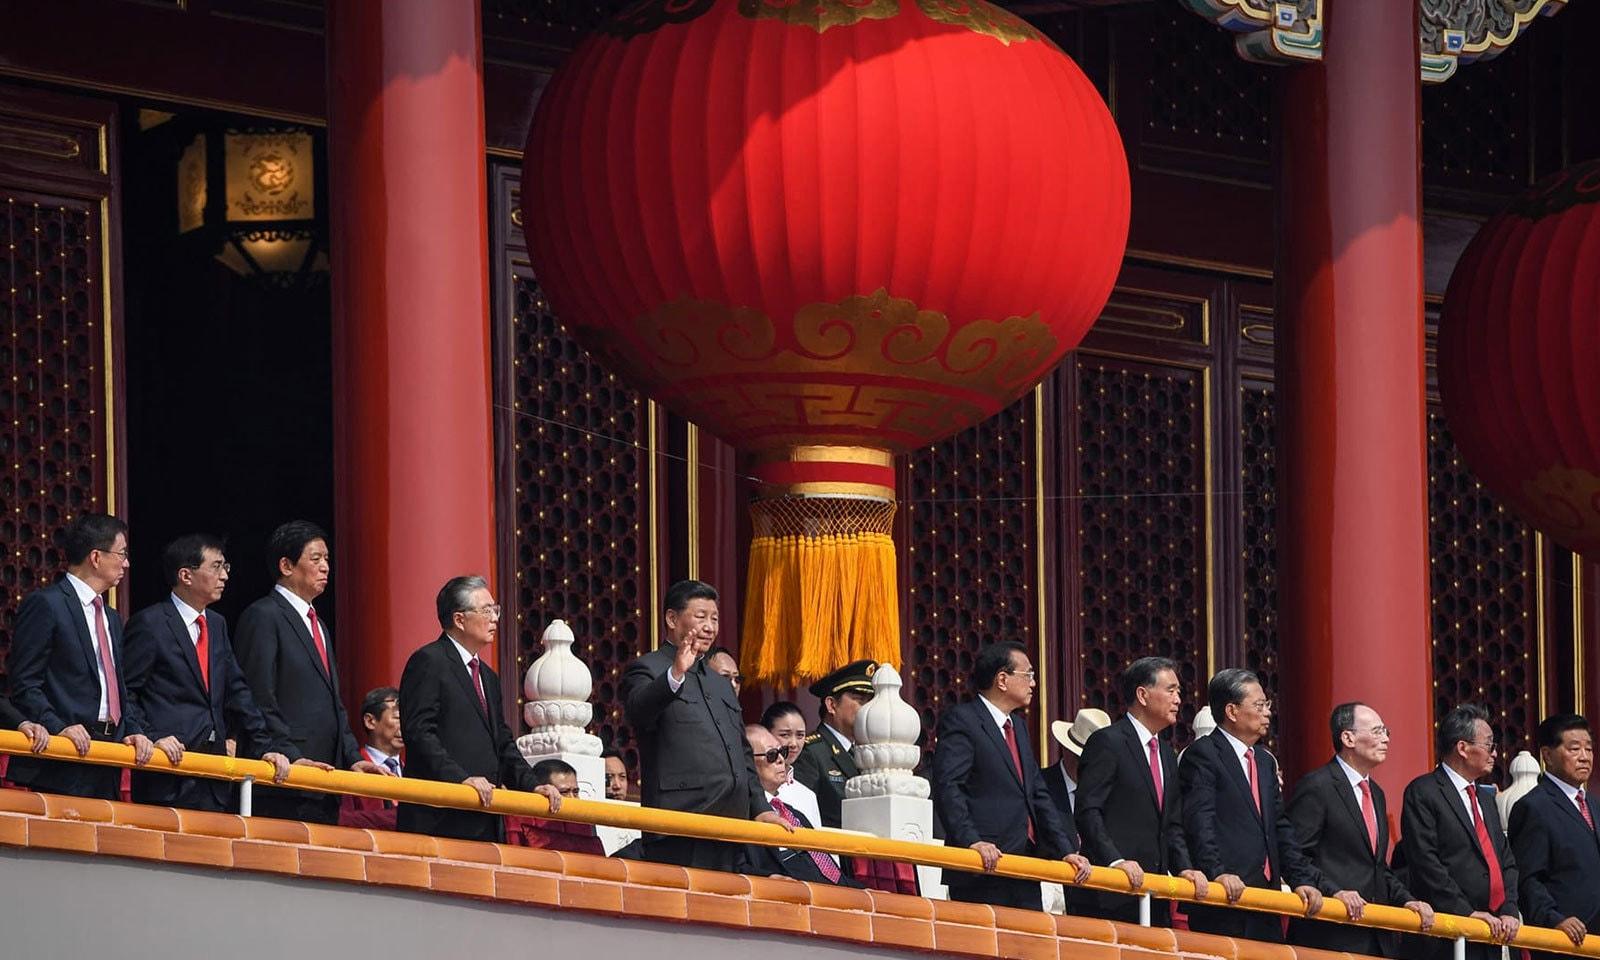 چین آگے بڑھنے کے لیے باہمی مفید حکمت عملی جاری رکھے گا، شی جن پنگ کا تقریب سے خطاب — فوٹو: اے ایف پی